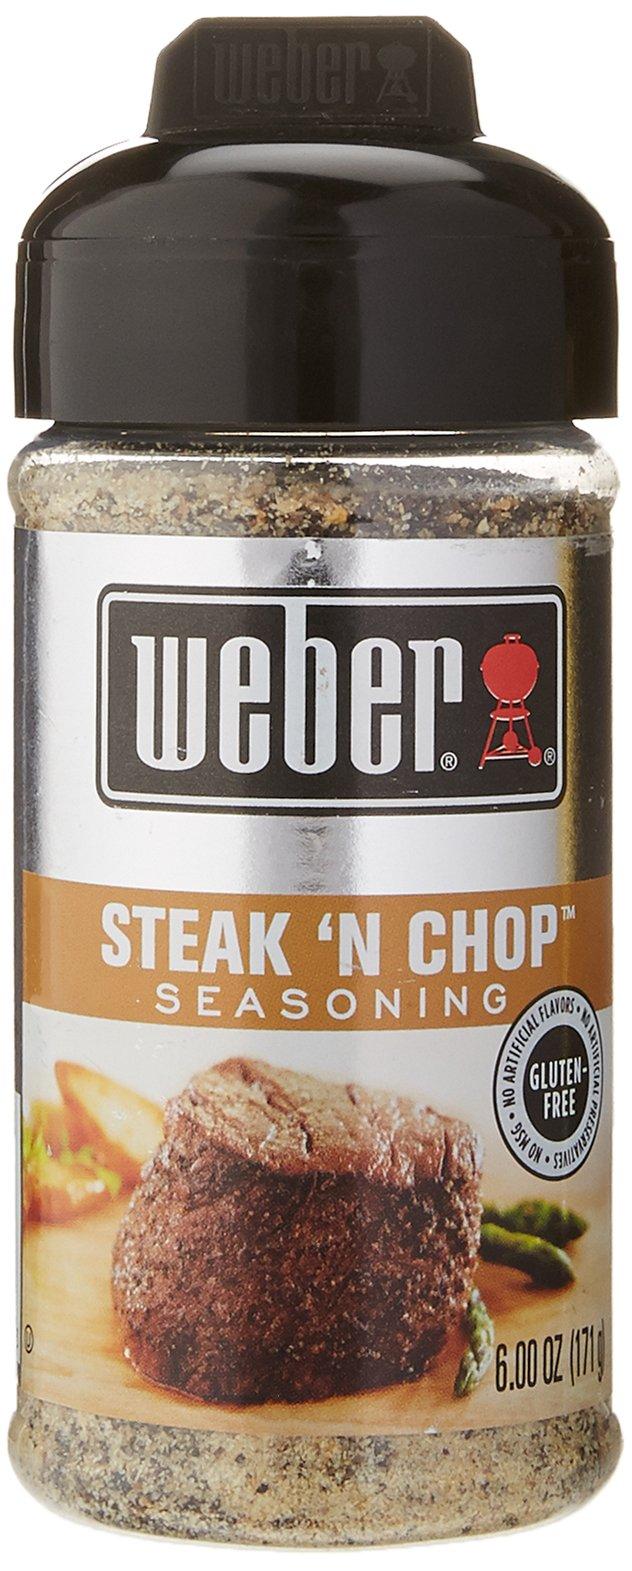 6oz Weber All Natural Seasoning Steak 'n Chop (One Jar)